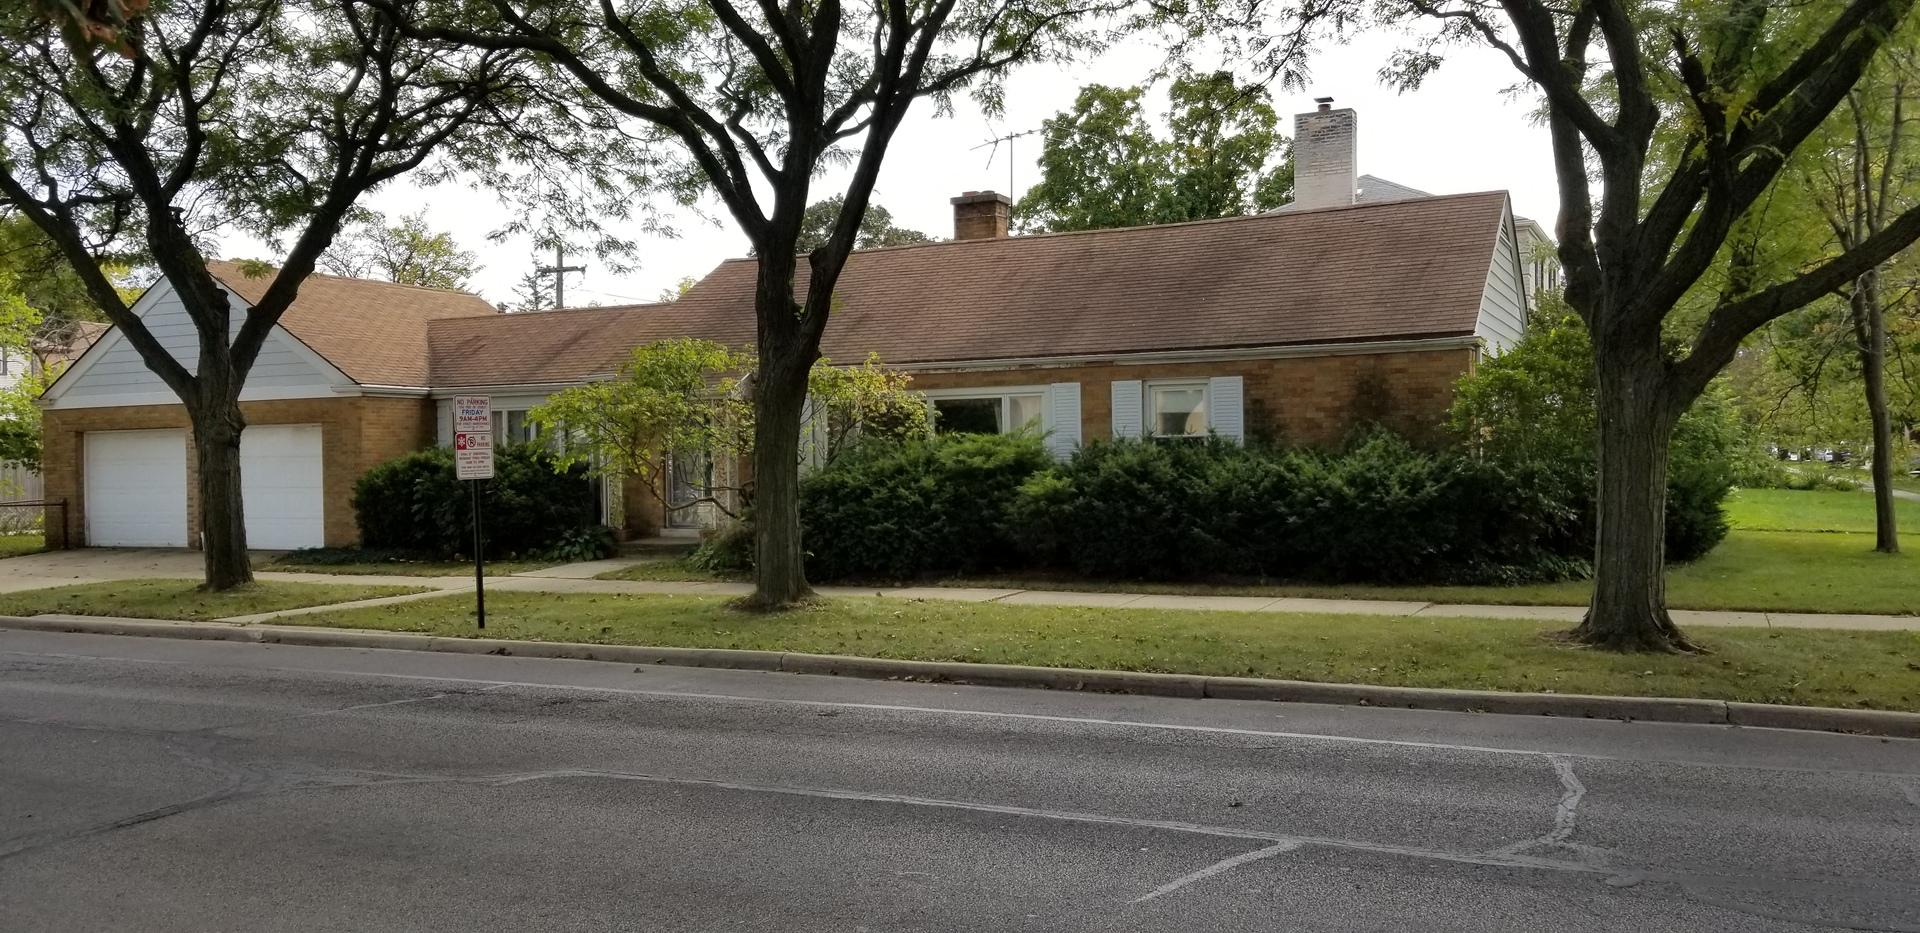 7611 WEST BLOOMINGDALE AVENUE, ELMWOOD PARK, IL 60707  Photo 2